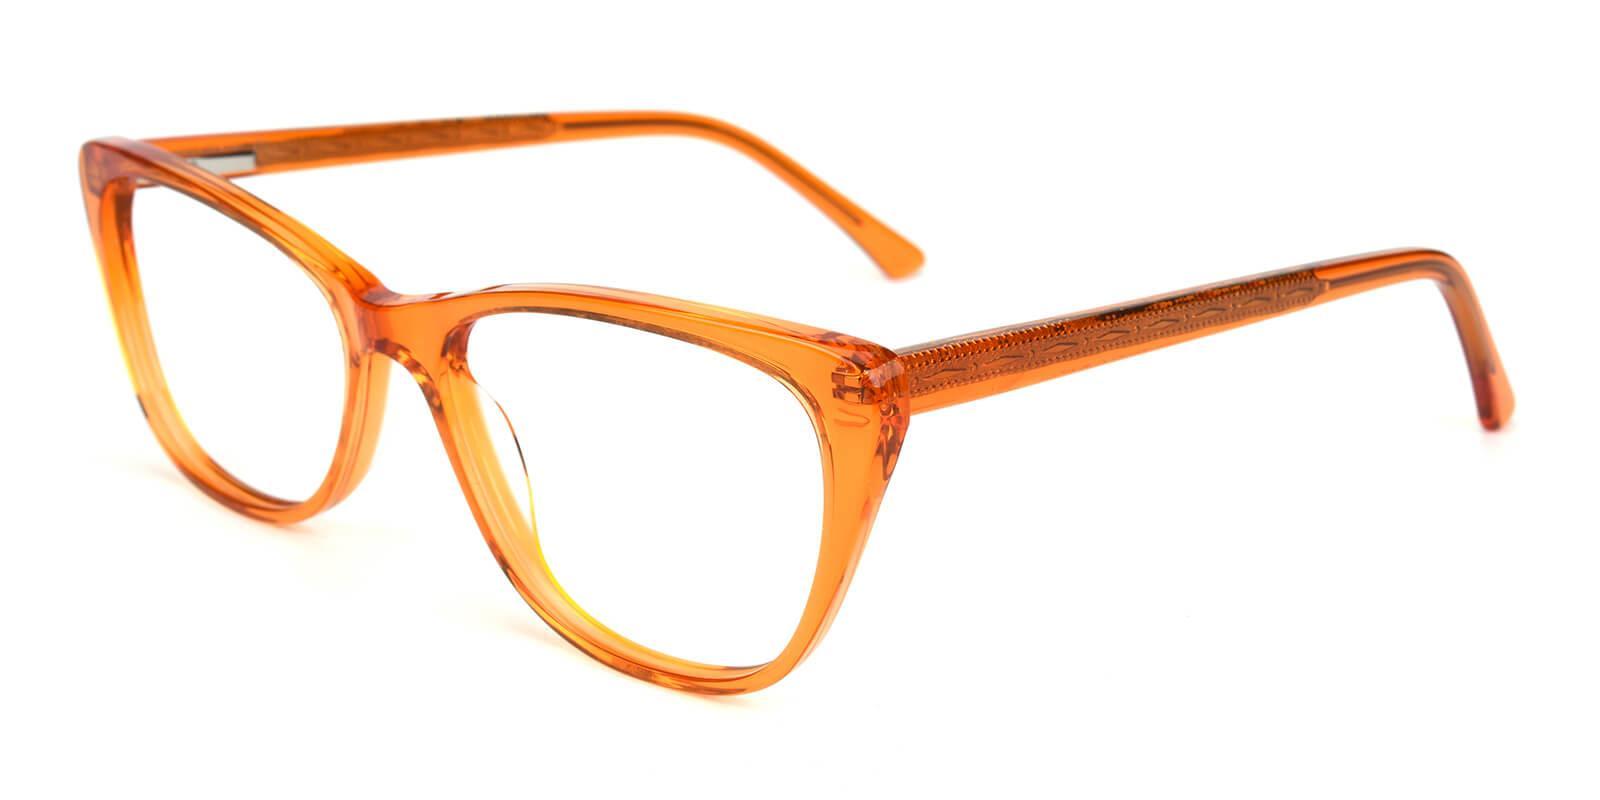 Tersaki-Orange-Cat-Acetate-Eyeglasses-additional1